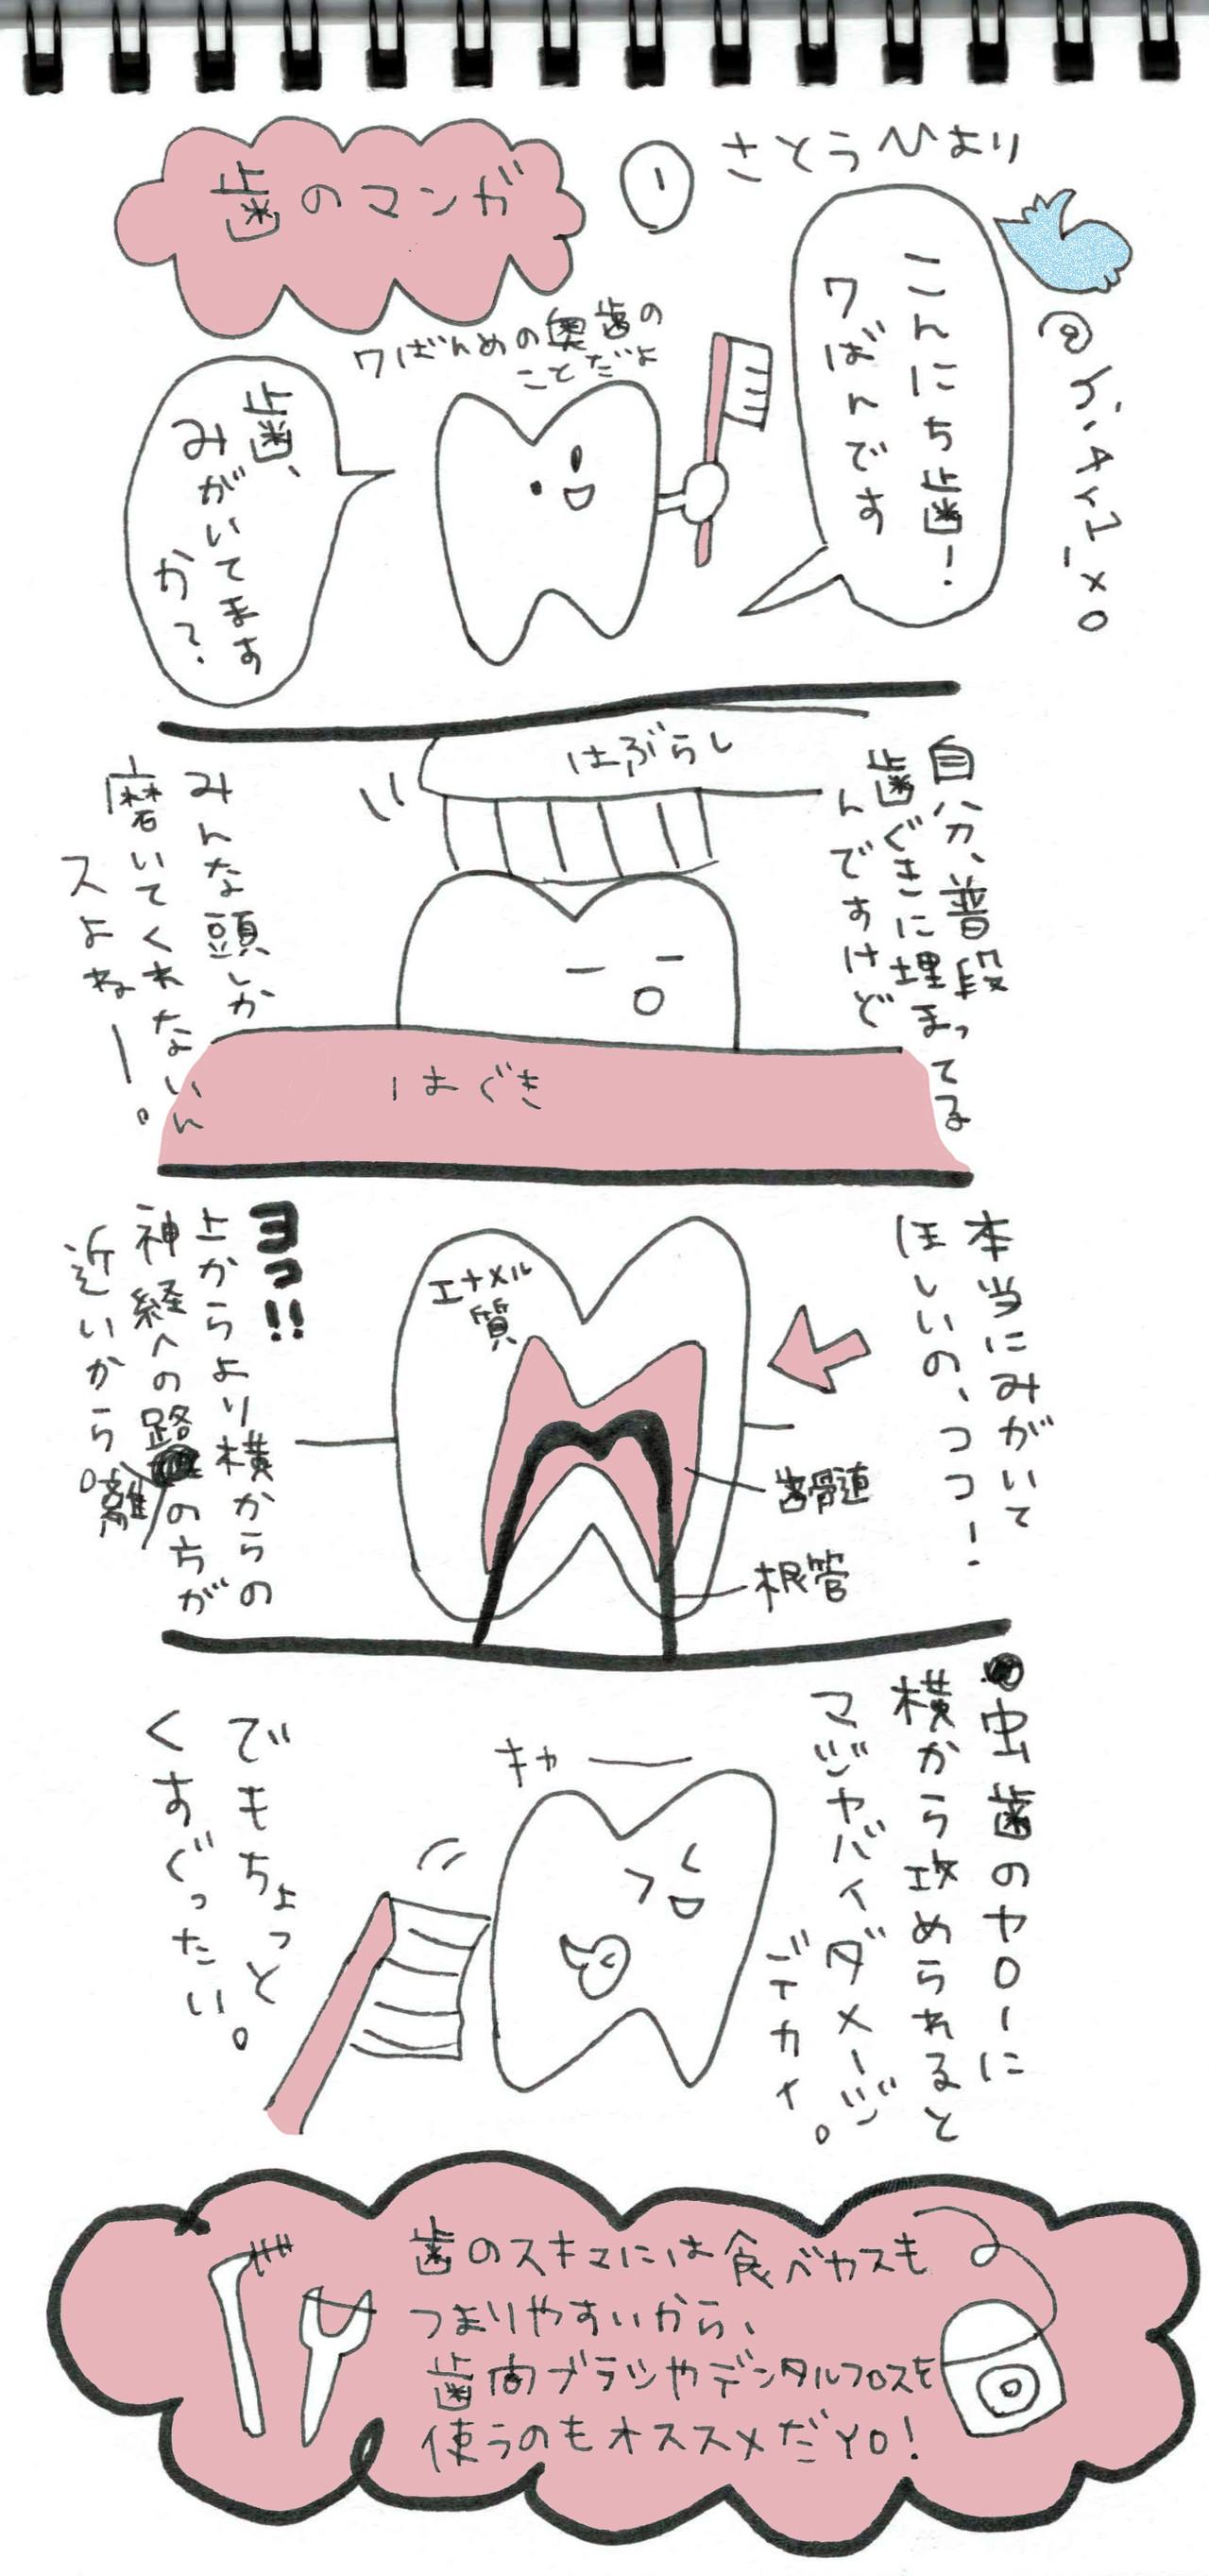 本日、楽天さんの「それどこ(それ、どこで買ったの?)というメディアに寄稿した歯グッズコラム http://srdk.rakuten.jp/entry/2016/08/02/110000 も公開しました。見てね!